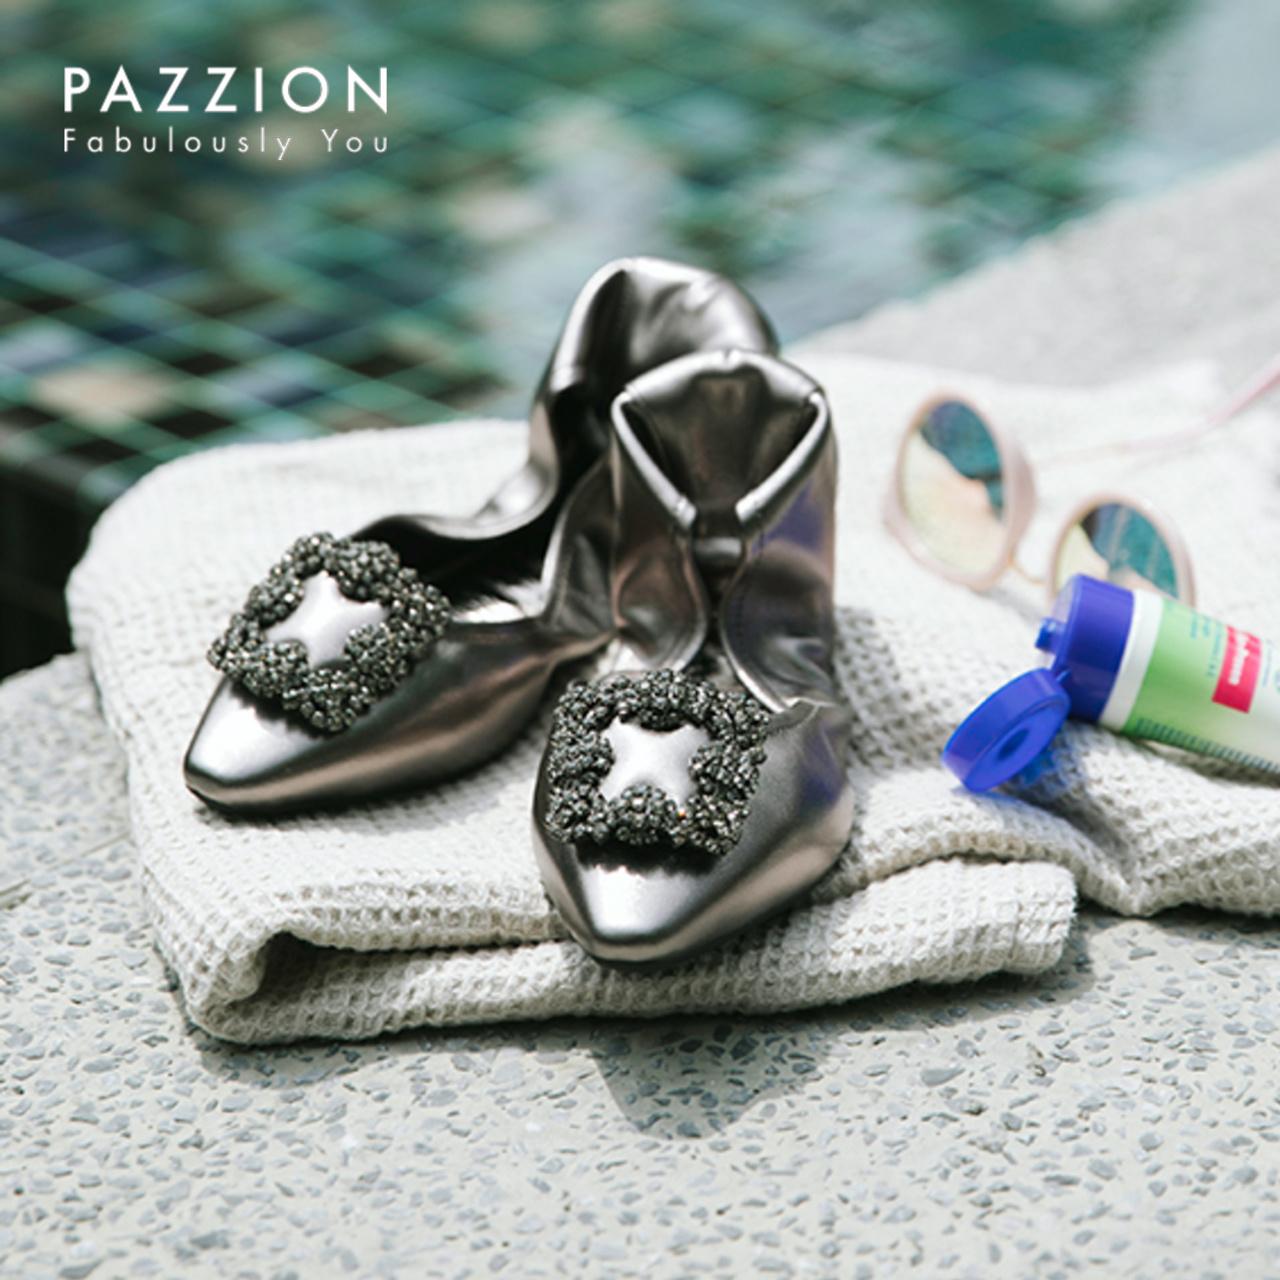 PAZZION复古透气牛皮休闲芭蕾舞折叠单鞋 雅致钻饰方扣软底平底鞋